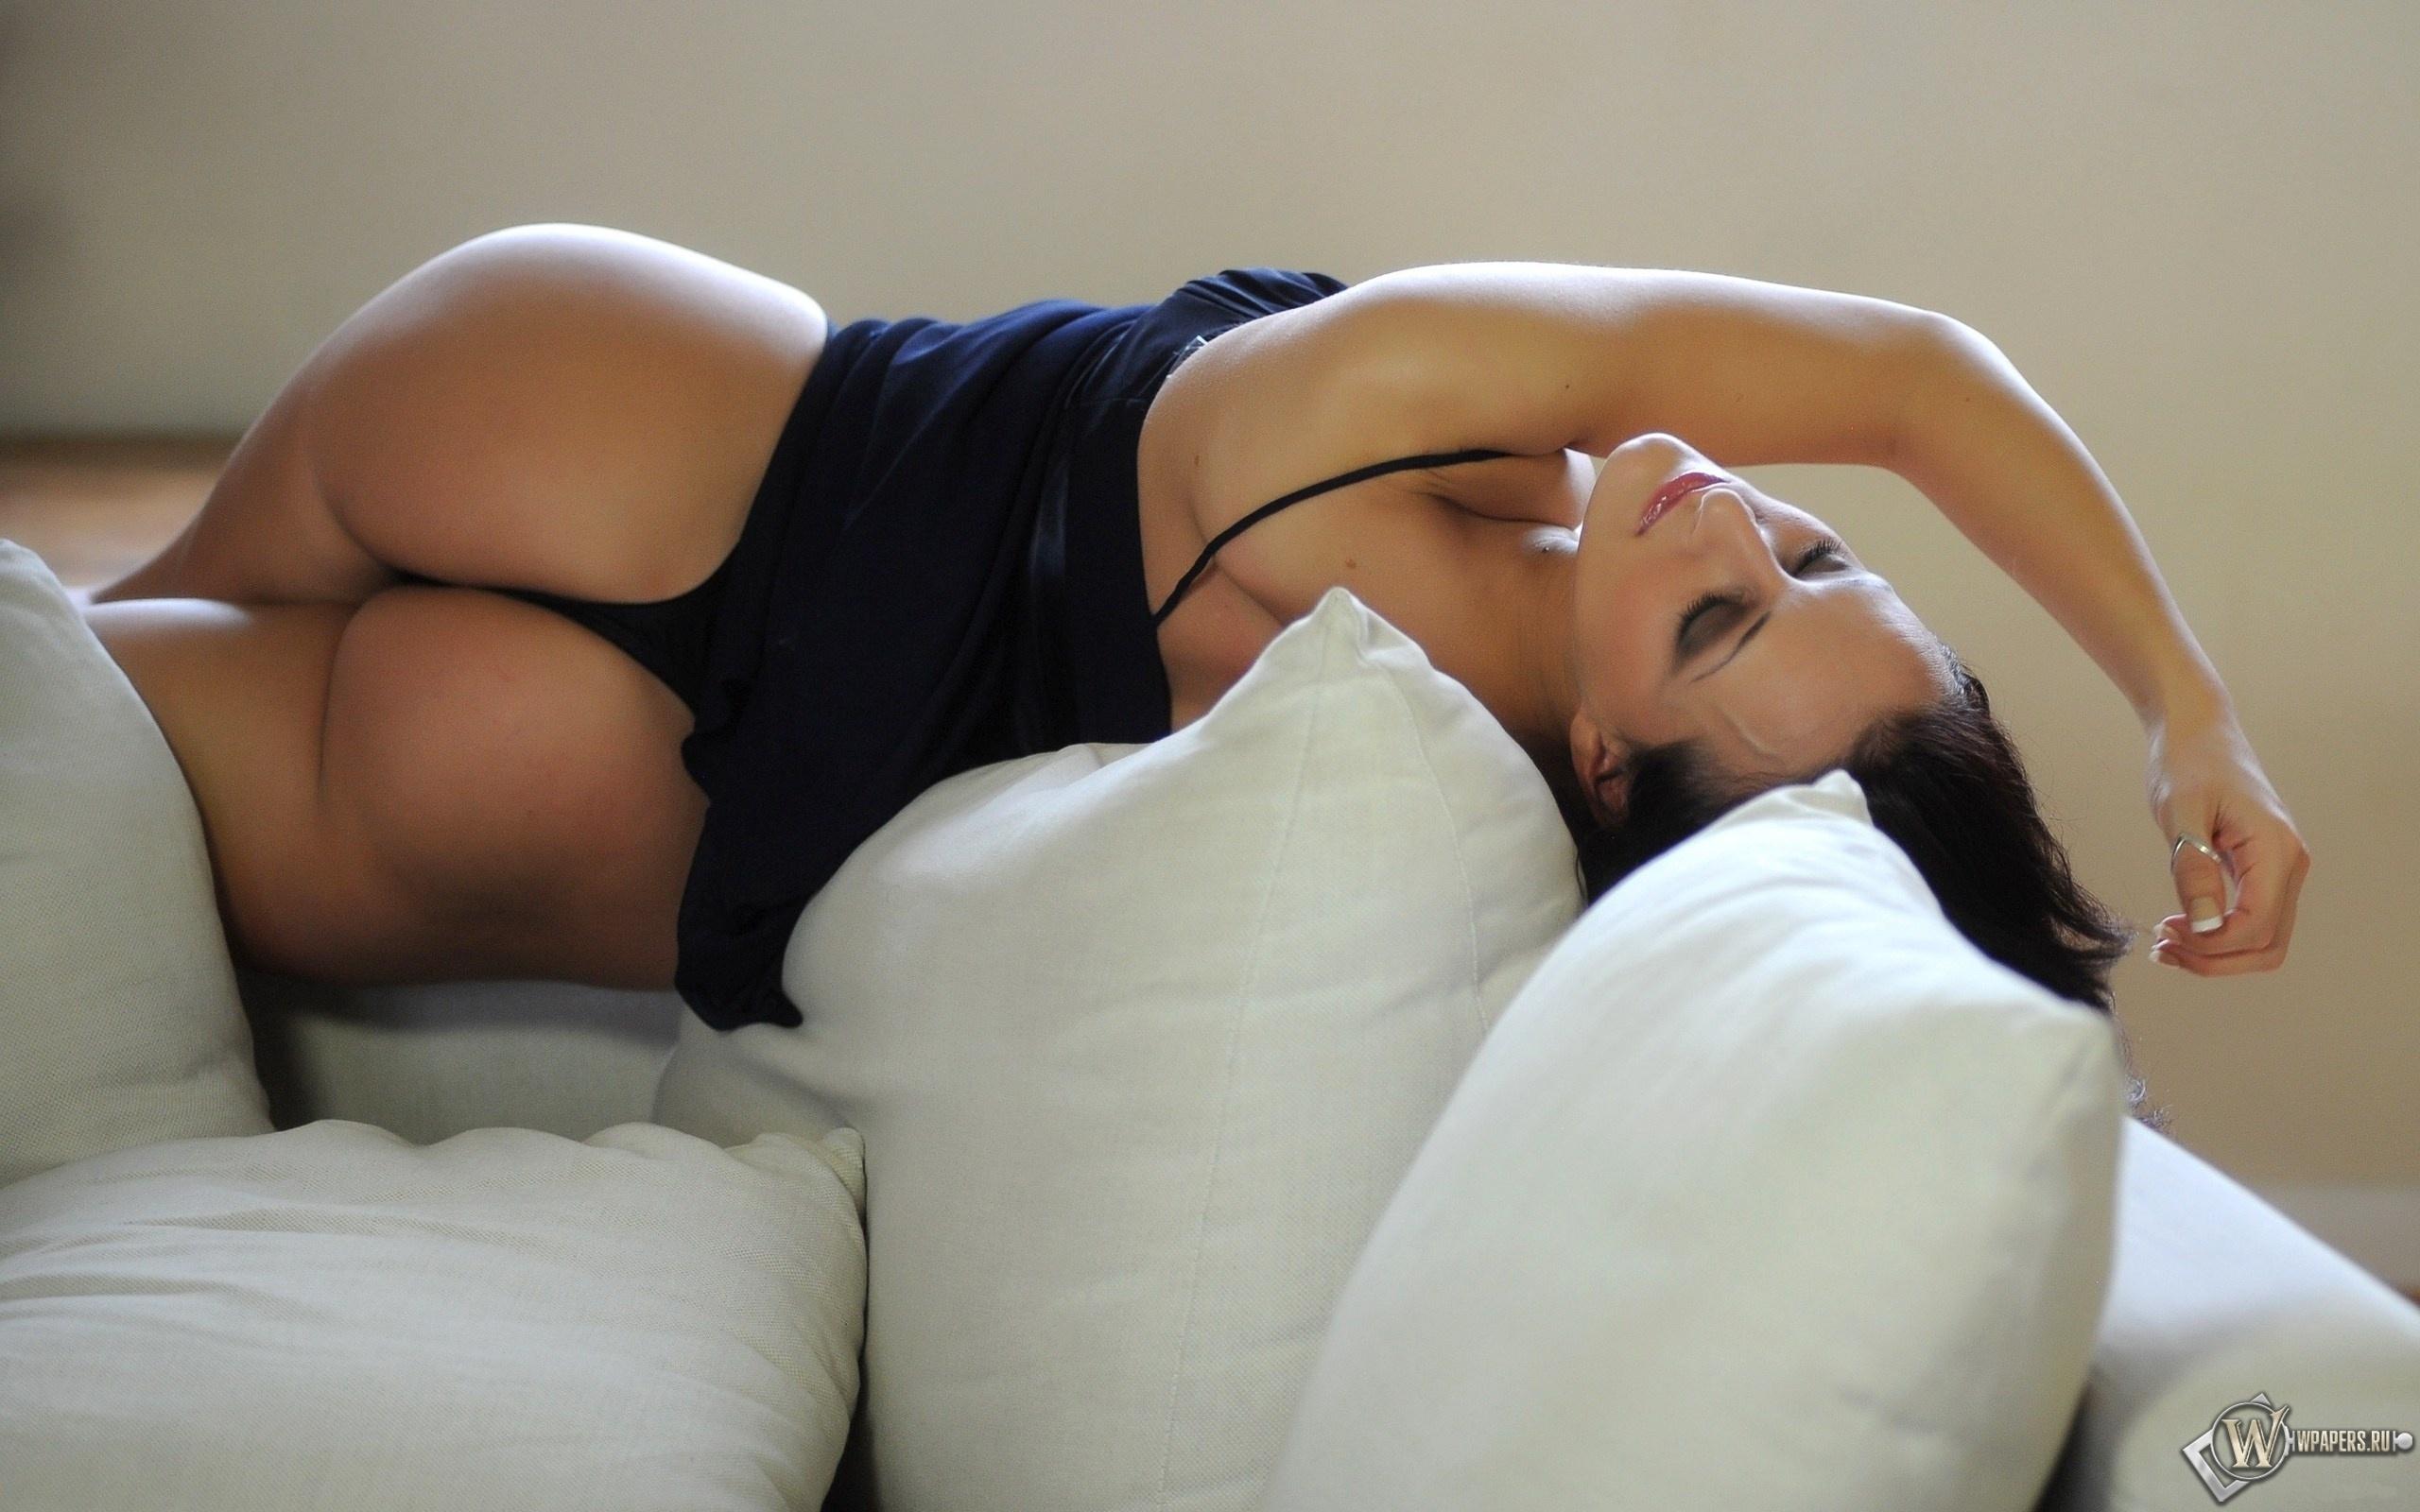 Melisa Mendiny 2560x1600